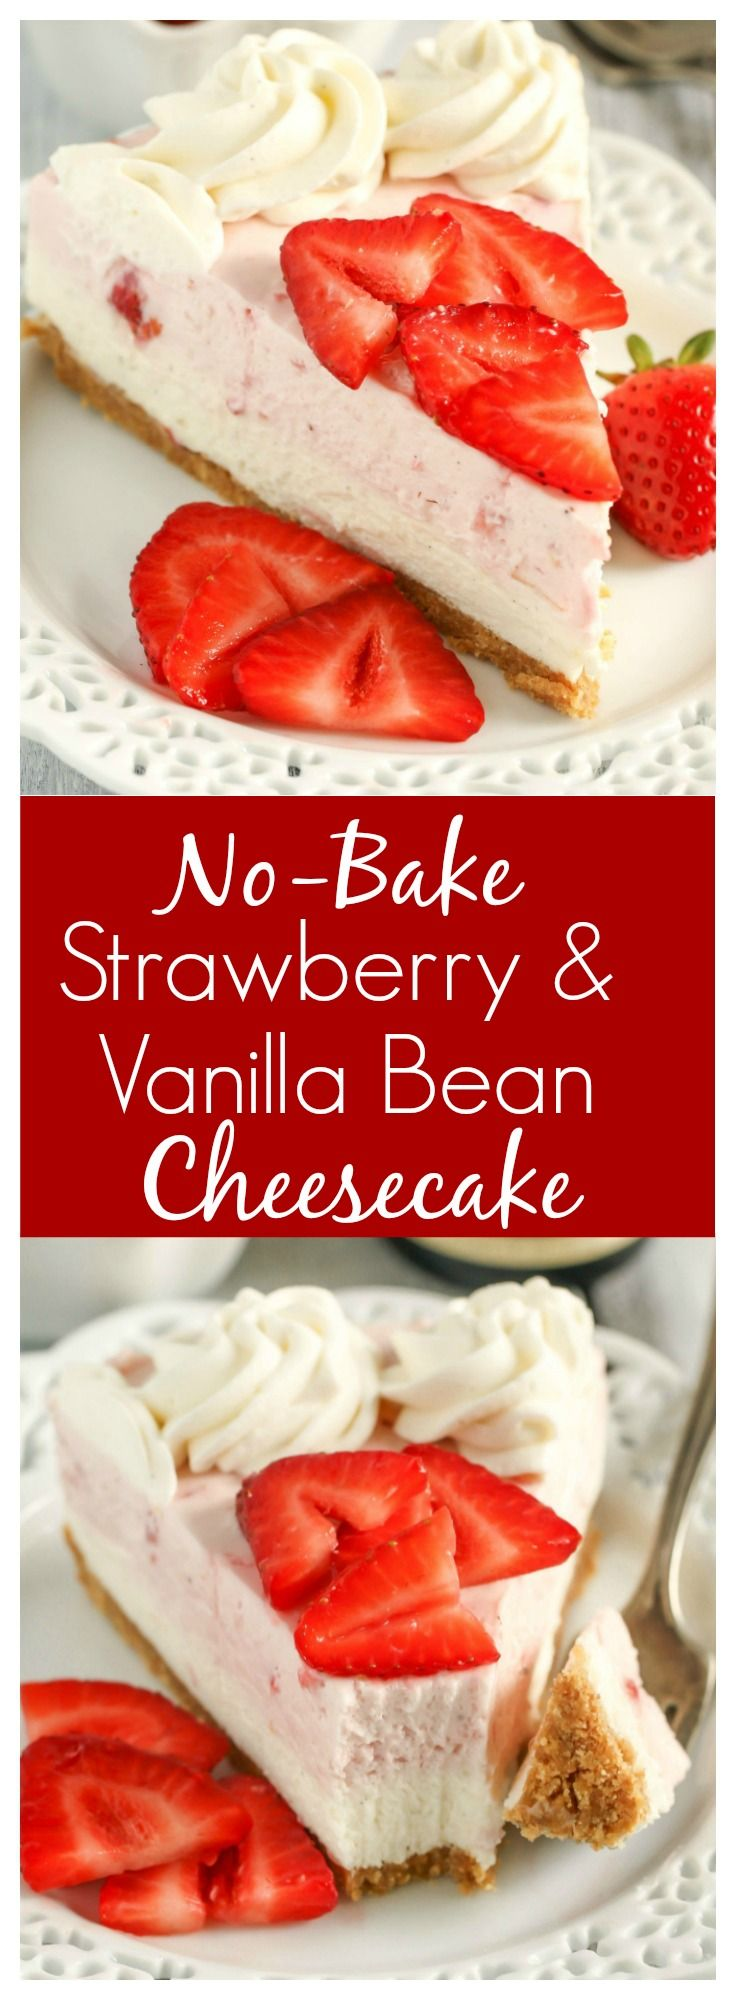 No Bake Vanilla Bean Strawberry Cheesecake